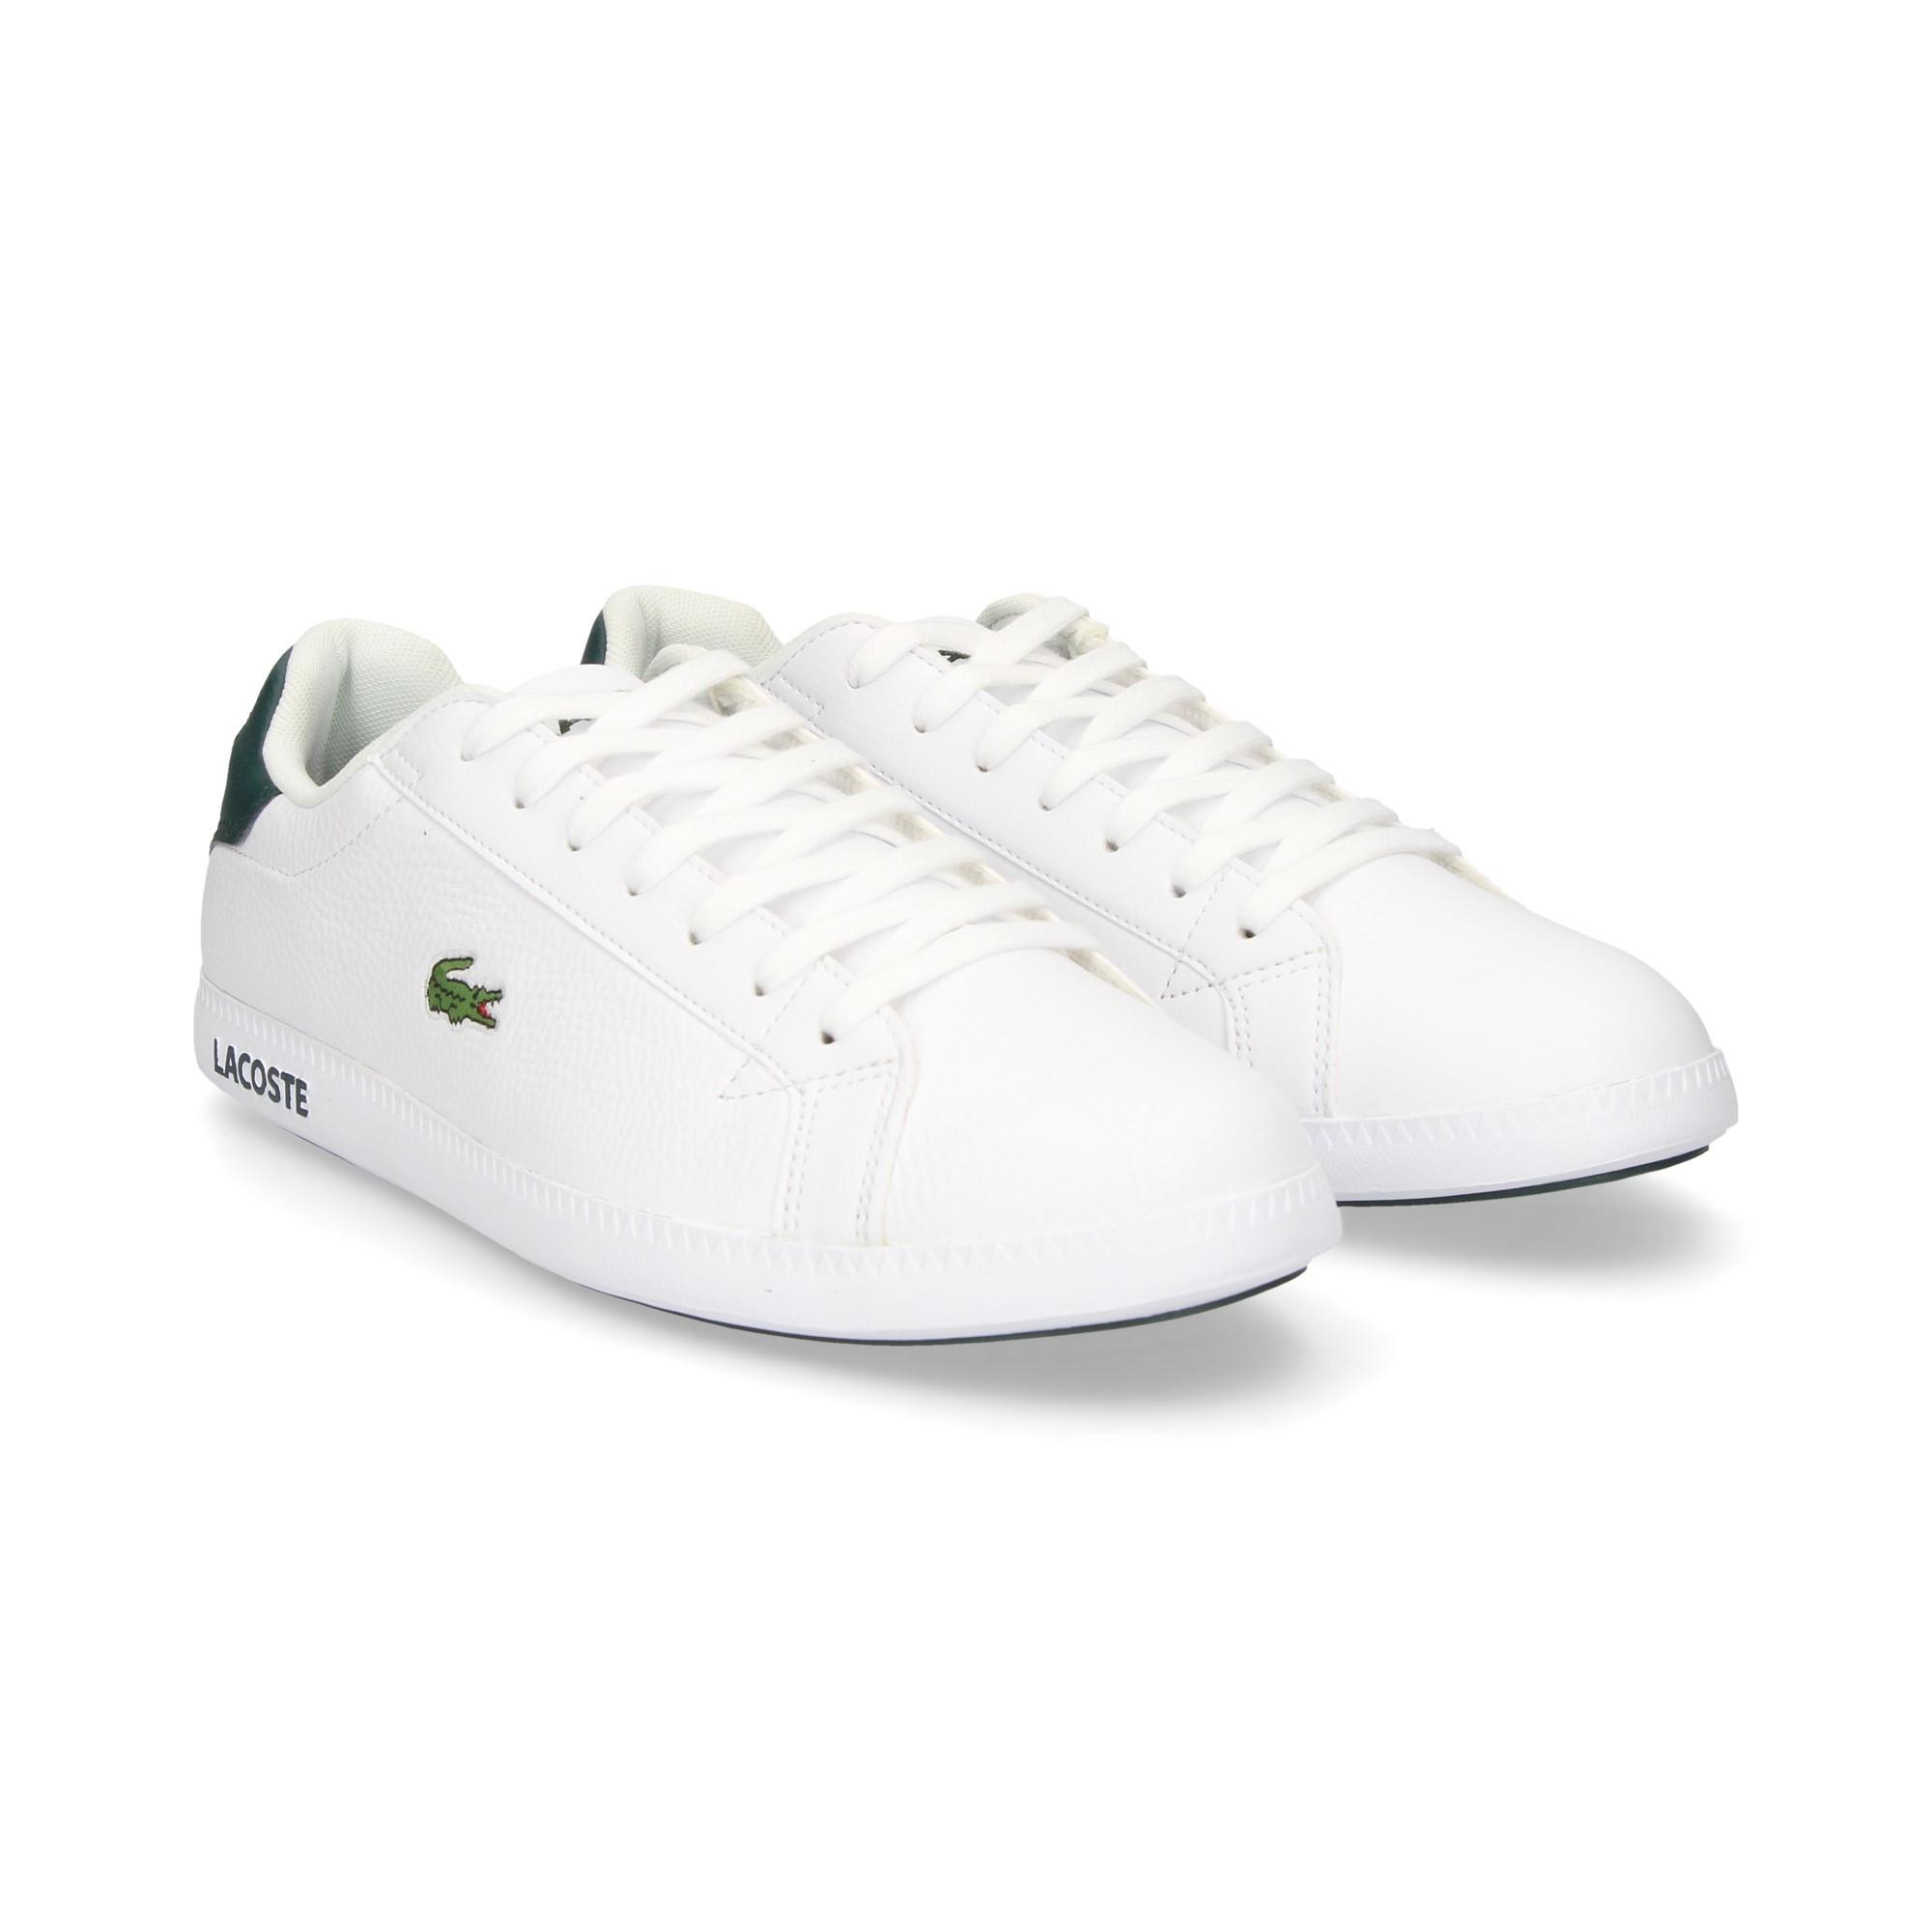 LACOSTE Men s sneakers 35SPM0013 1R5 WHT DK GRN 9b075036c0